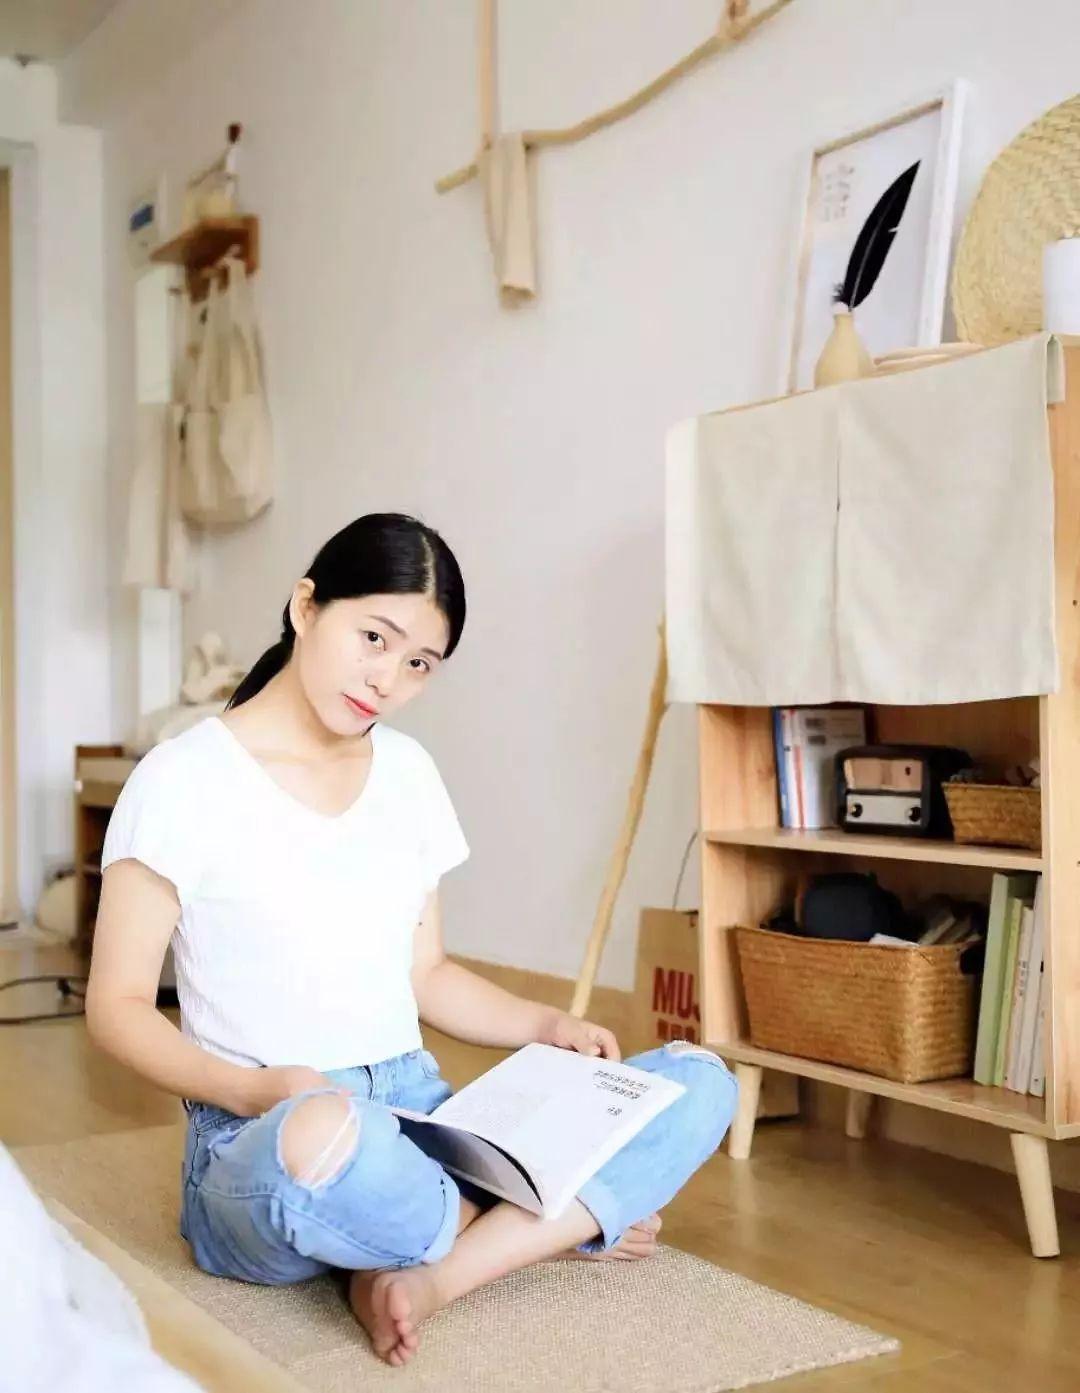 打造完美日式风格!90后姑娘仅用4w,将46�O的家装得想住一辈子